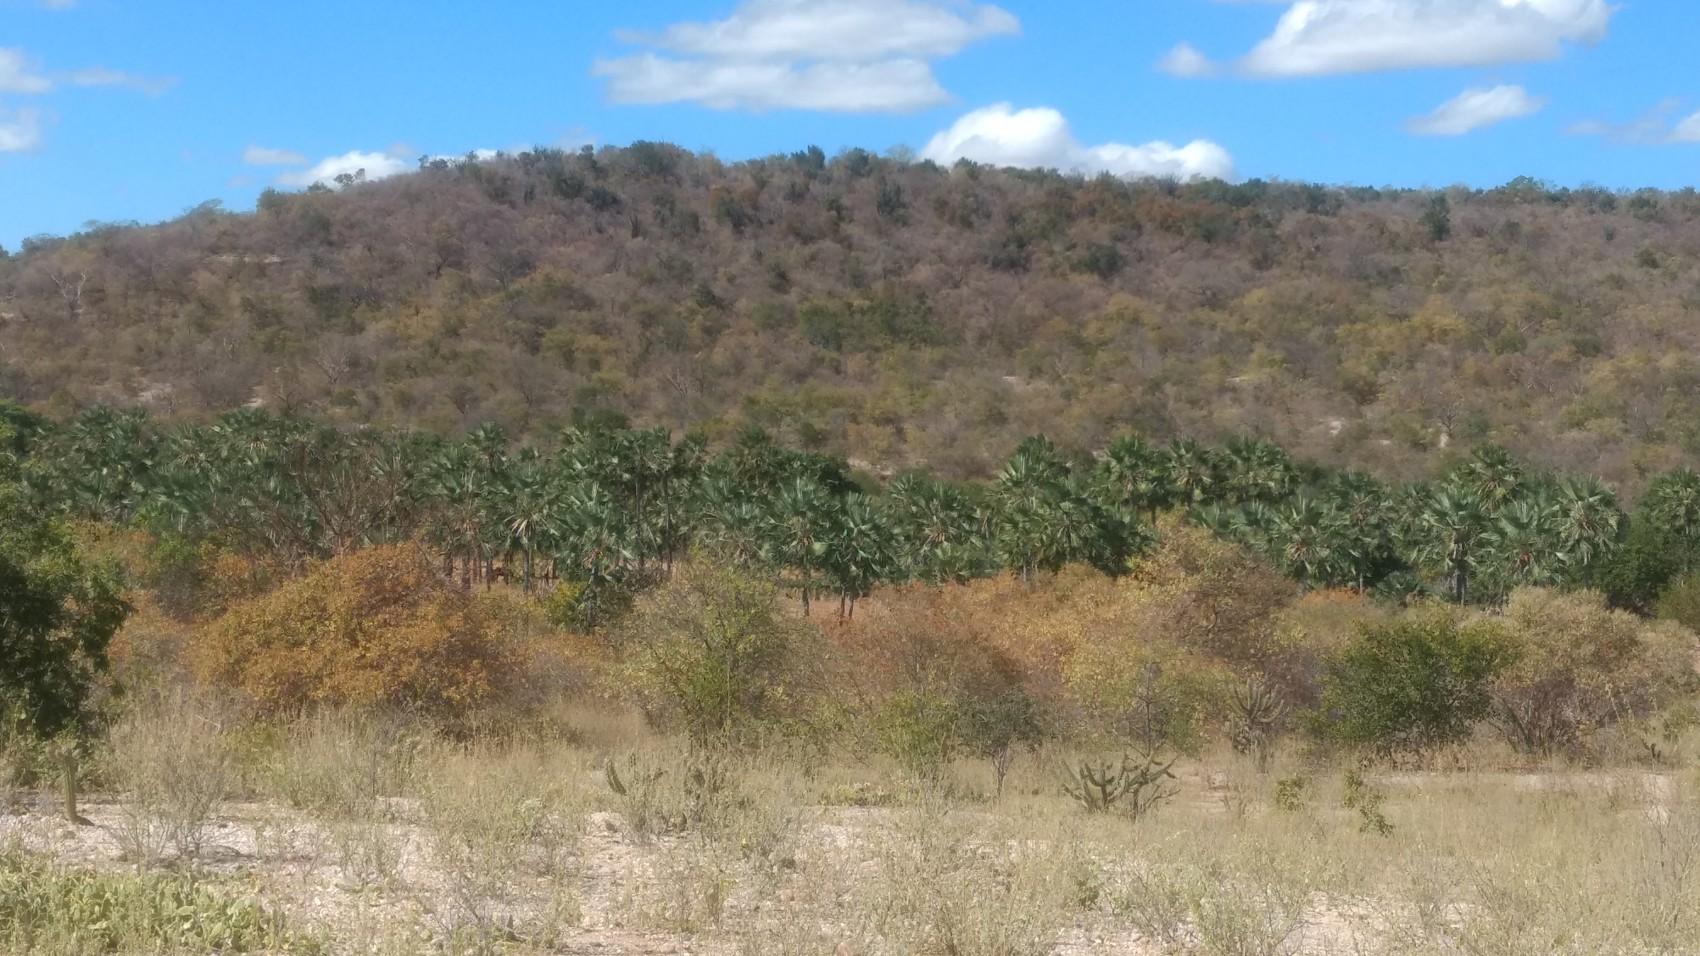 Figura 5 – Presença do carnaubal (formação com predomínio de Copernicia prunifera) ao longo de fundos de vale com o entorno caracterizado por Caatinga arbustiva, em Patos do Piauí (PI). Fonte: Arquivo pessoal.